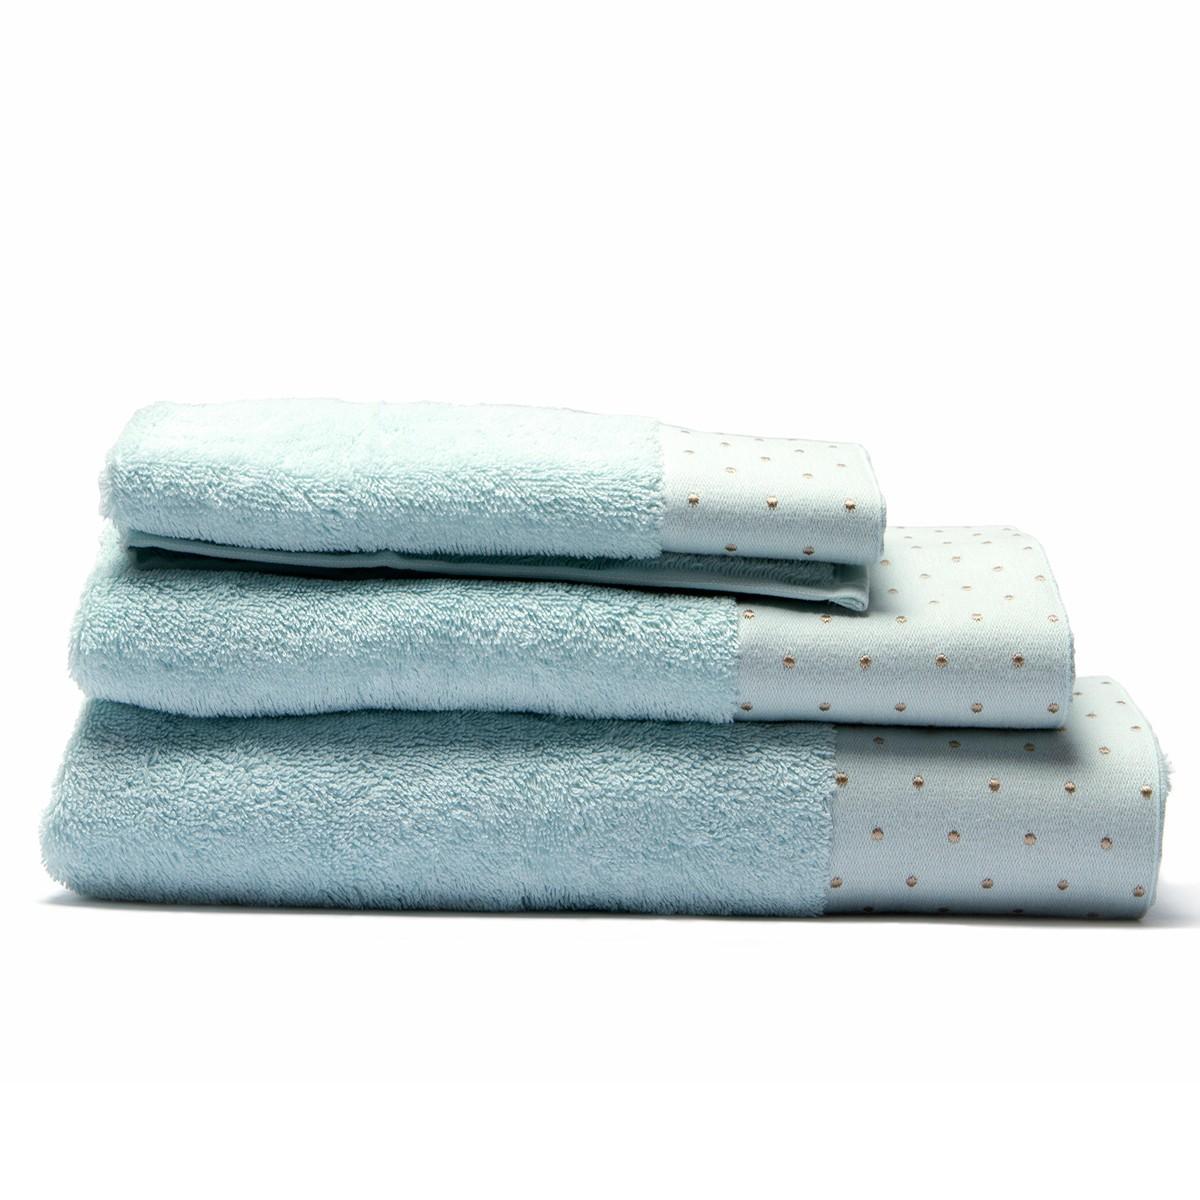 Πετσέτα Σώματος (80x150) Laura Ashley Polka Border D.Egg home   μπάνιο   πετσέτες μπάνιου